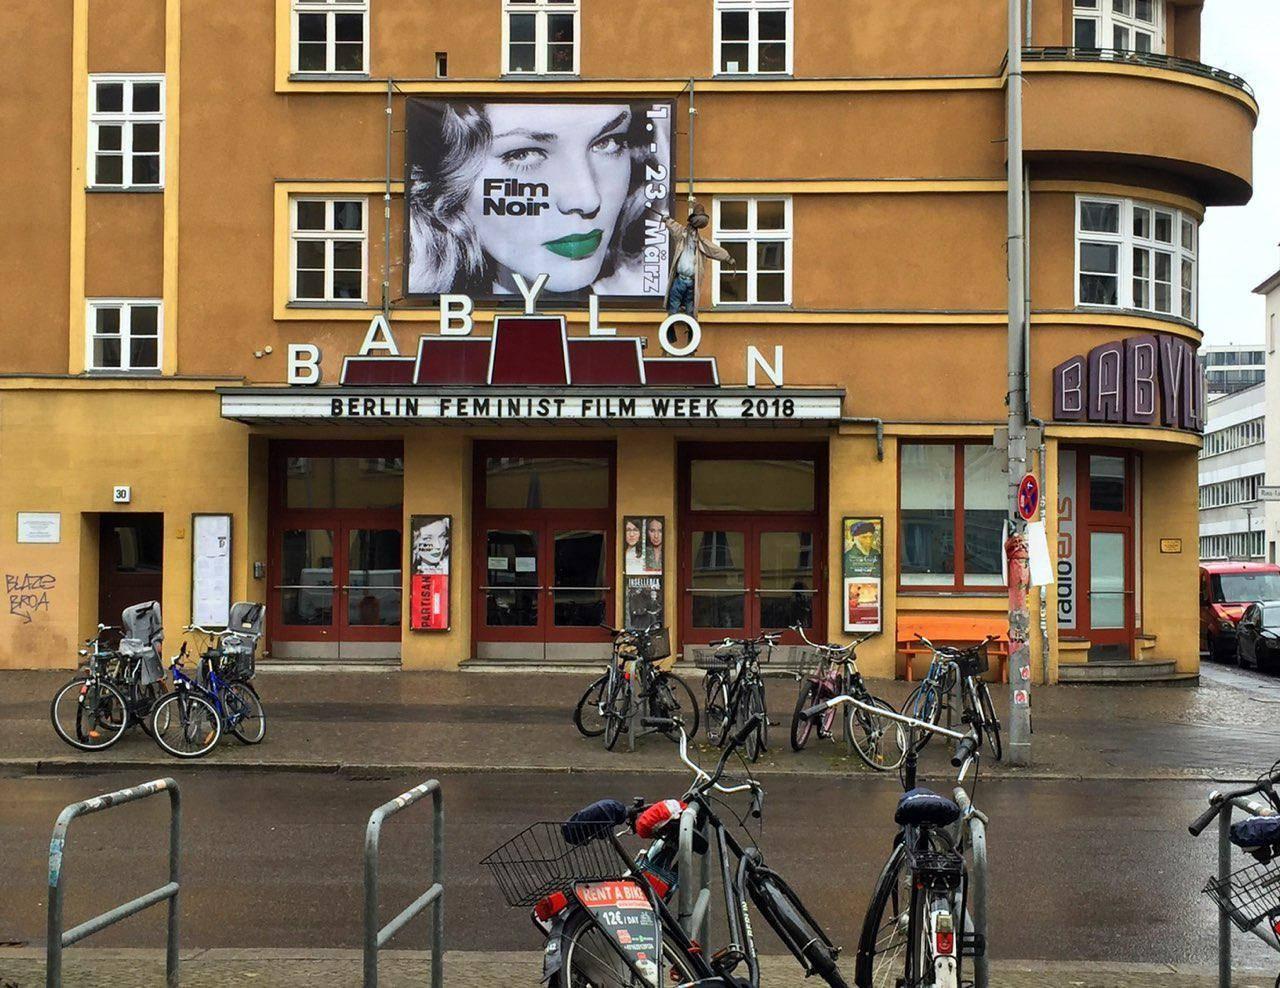 Какгуманитарию найти работу вгермании. пошаговая инструкция · живой берлин · взгляд из столицы европы